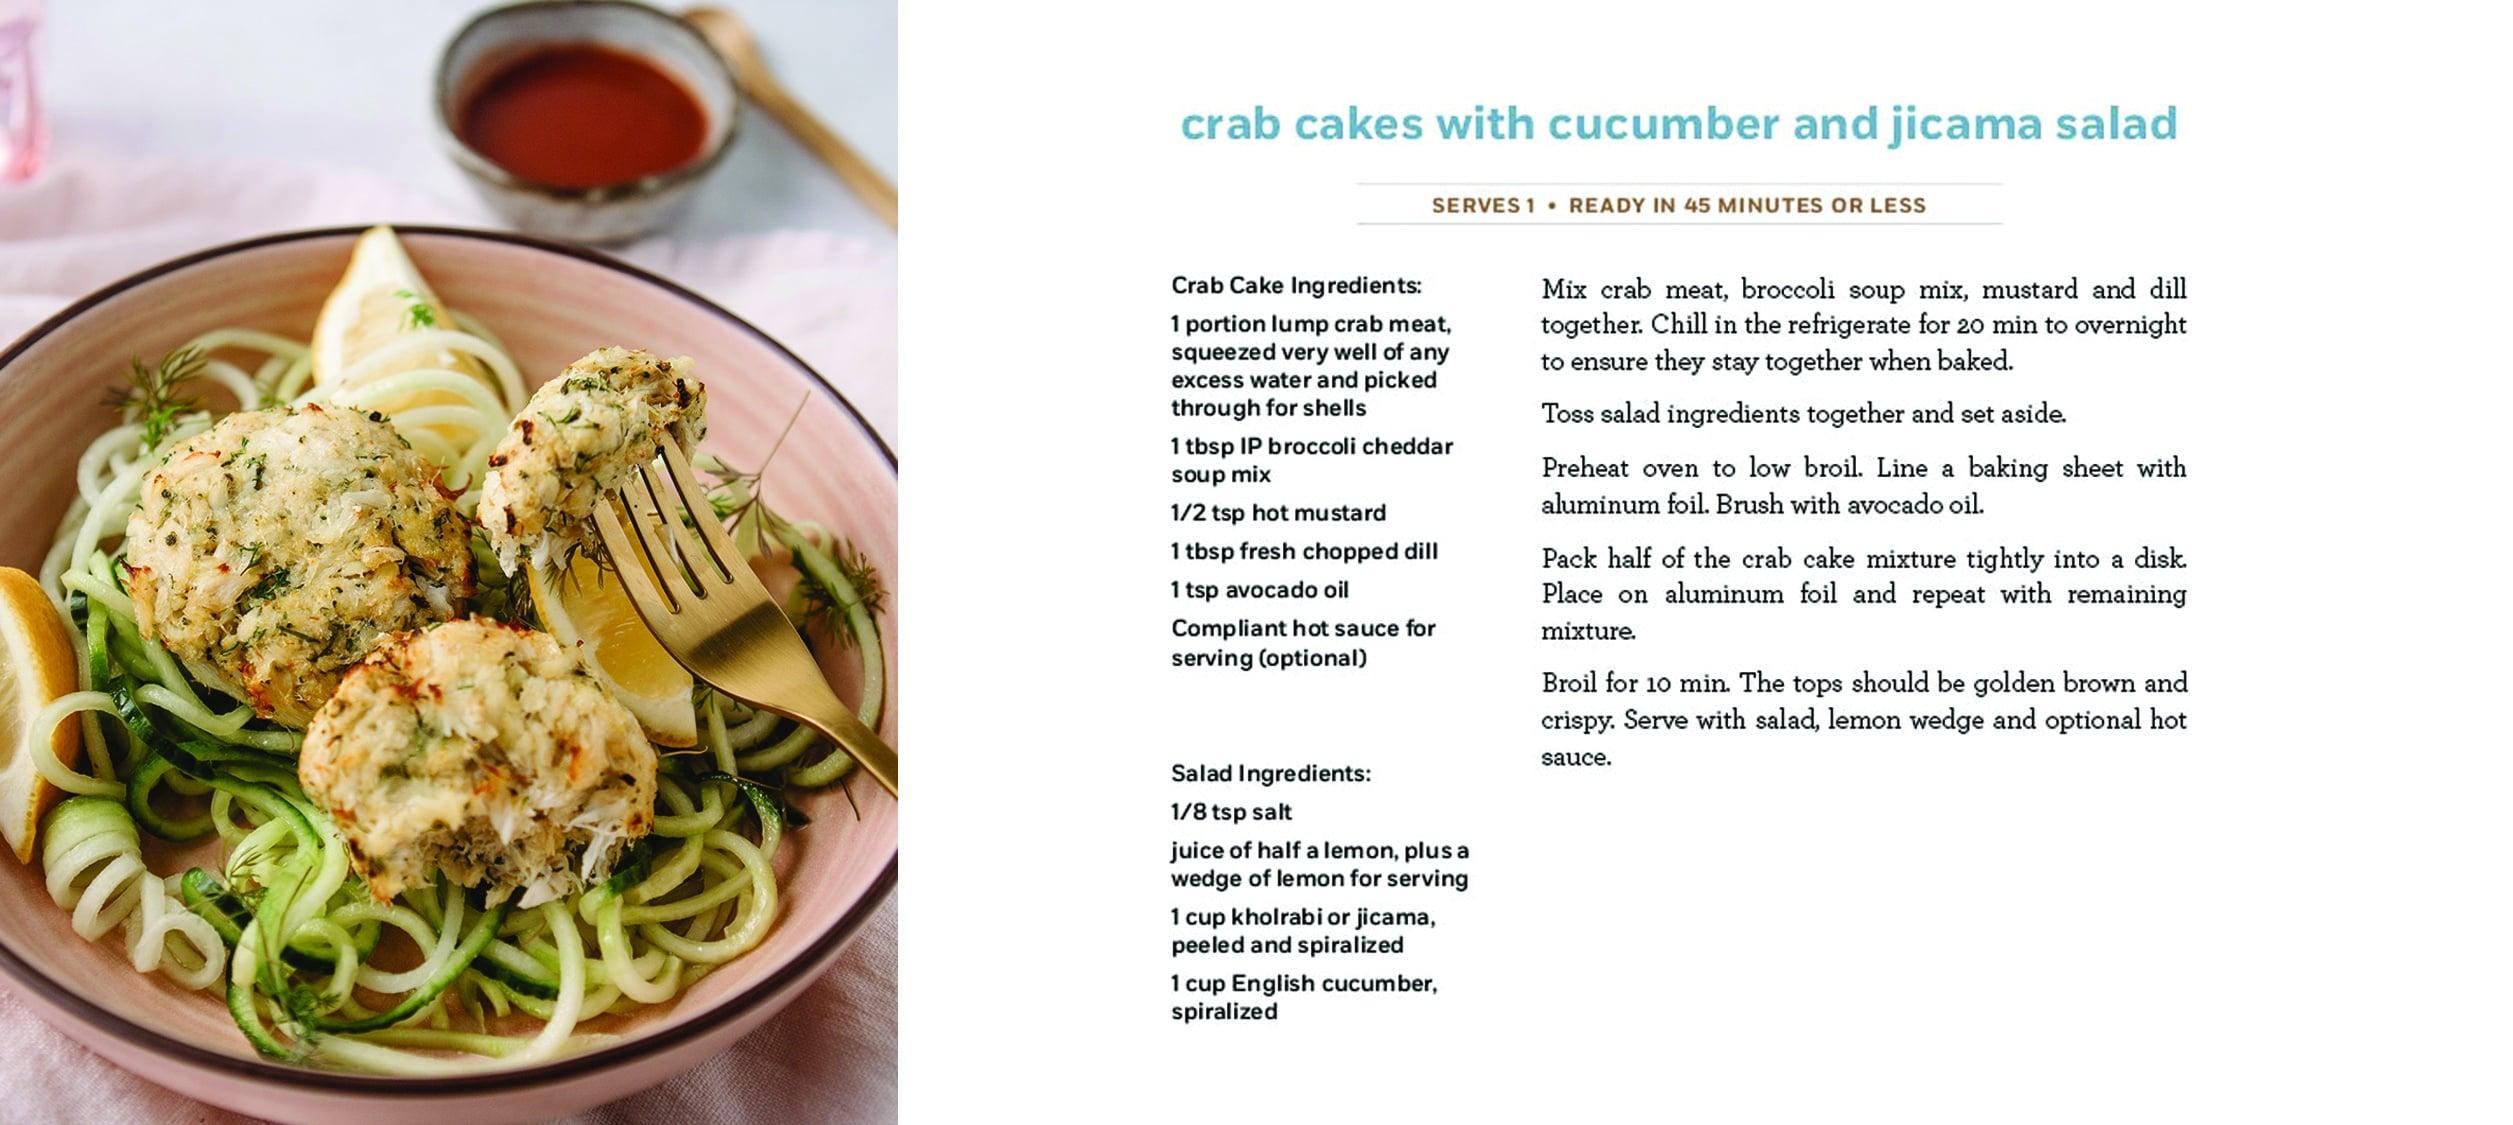 SM Recipe Post 6 - Crab Cakes